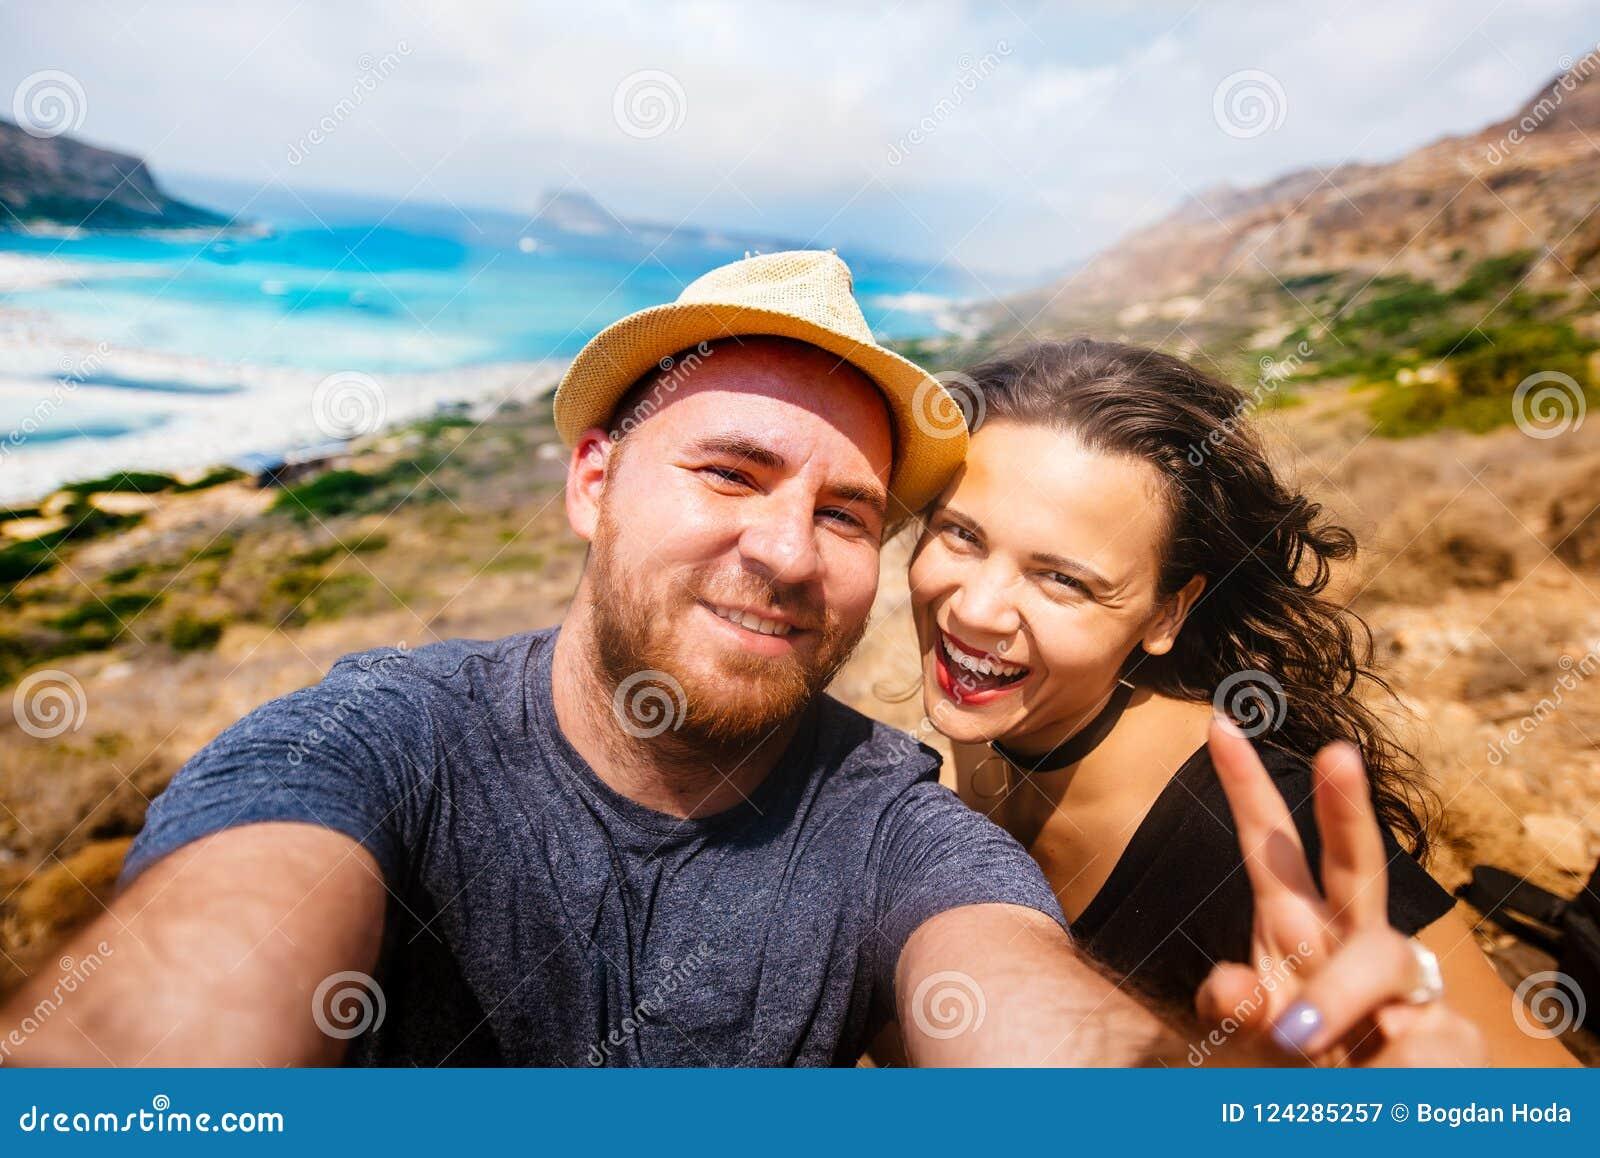 Szczęśliwa para bierze selfie fotografię z wyspy i turkusu wodą Jaźń portret pary w wakacje